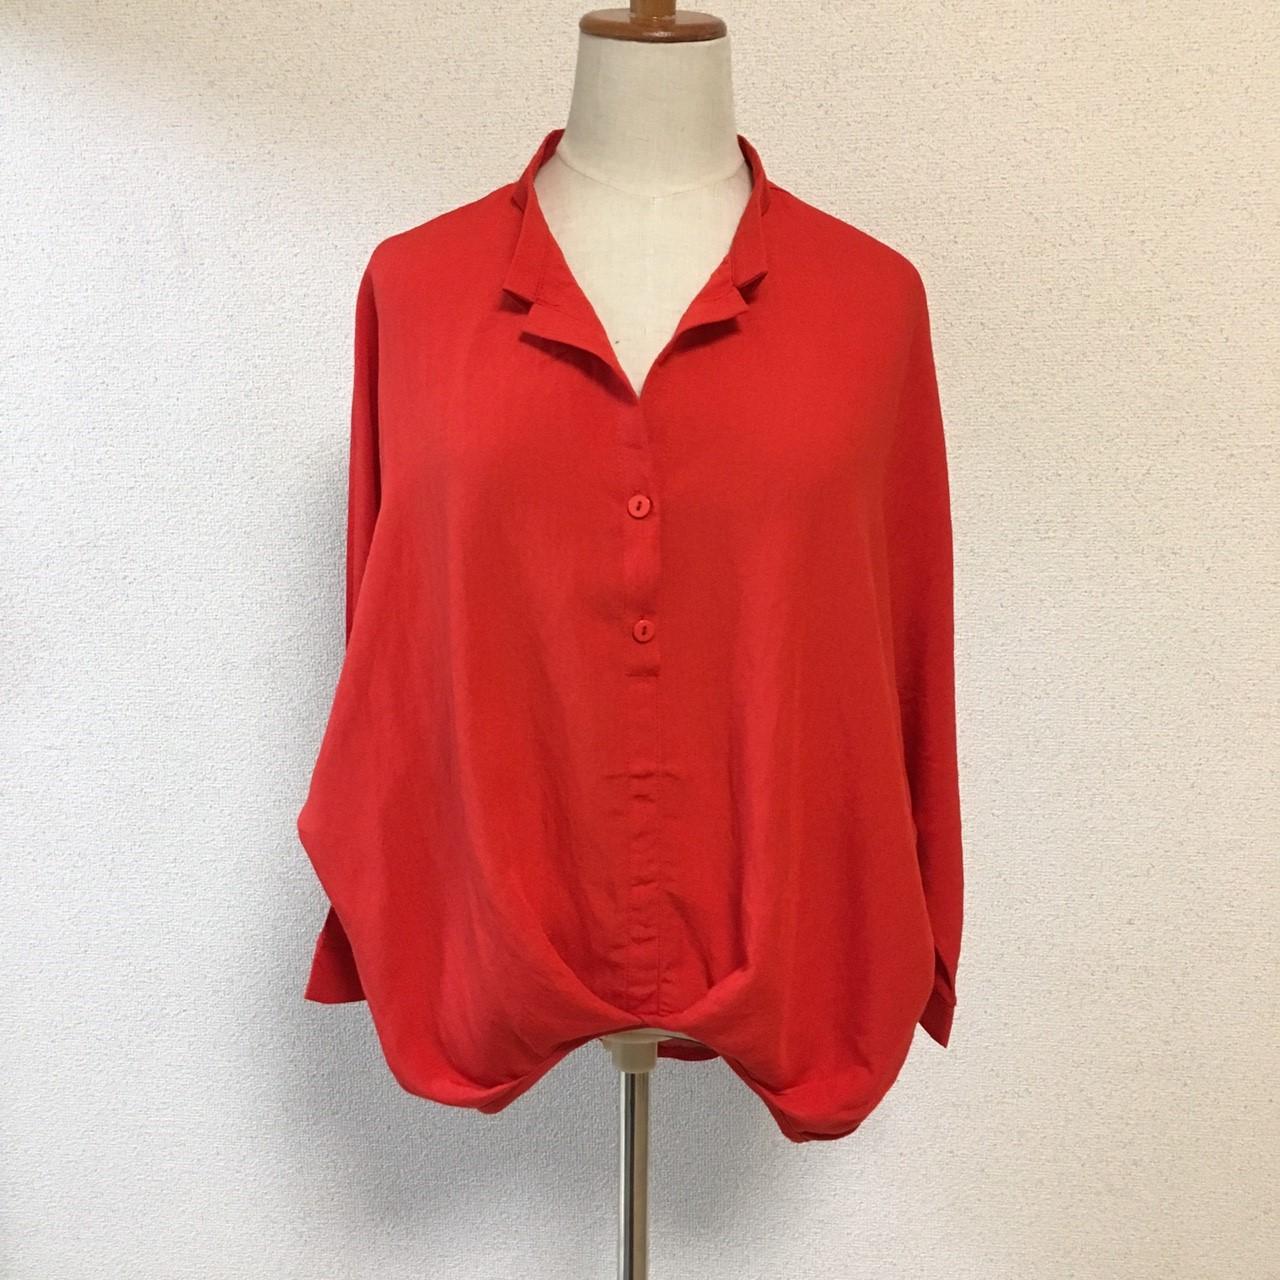 エアリーなスキッパーシャツで楽しむ、大人キュートなシャツスタイル。